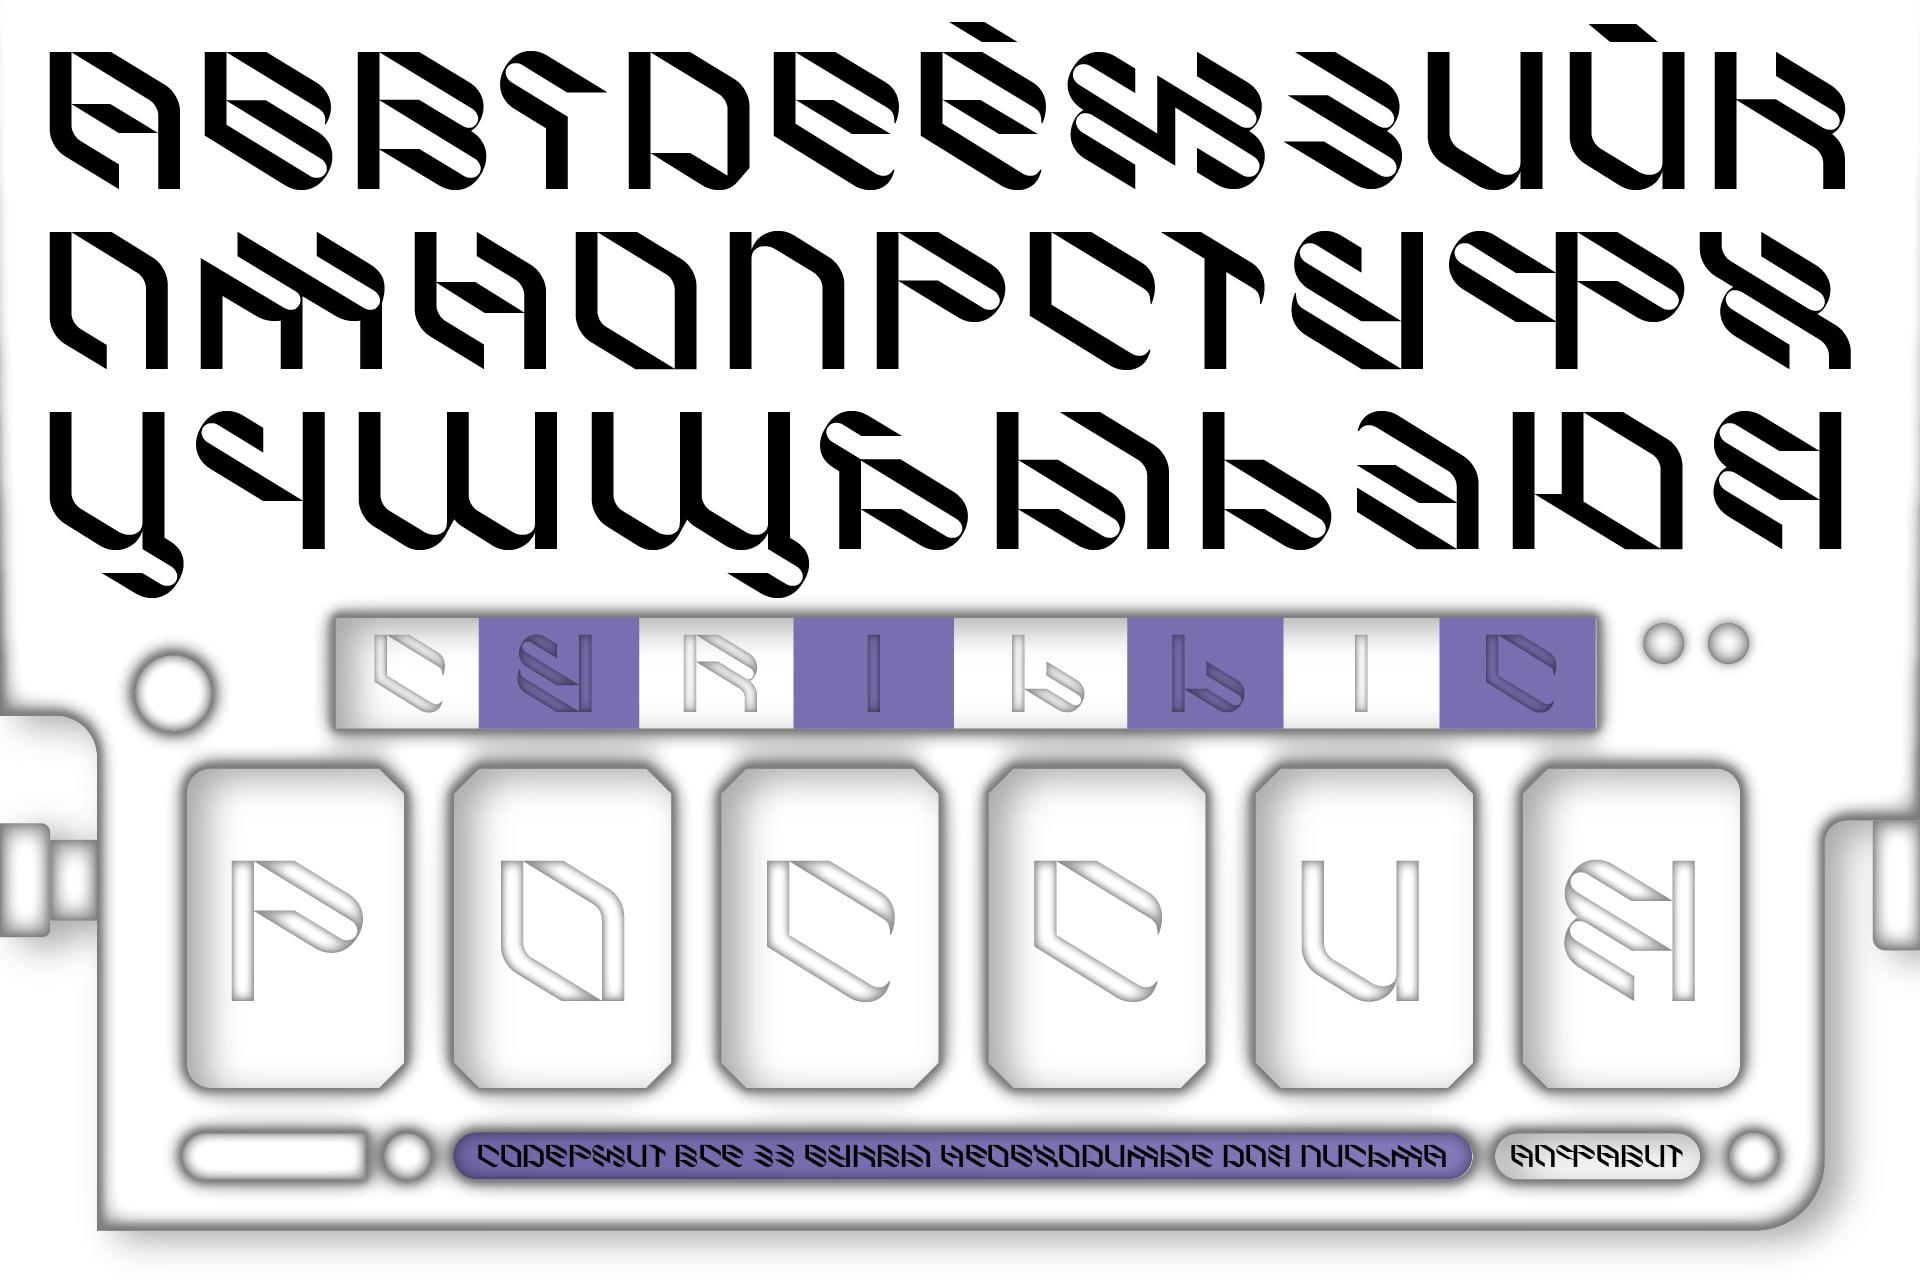 倾斜对角线英文字体下载 Eskos Typeface插图(6)